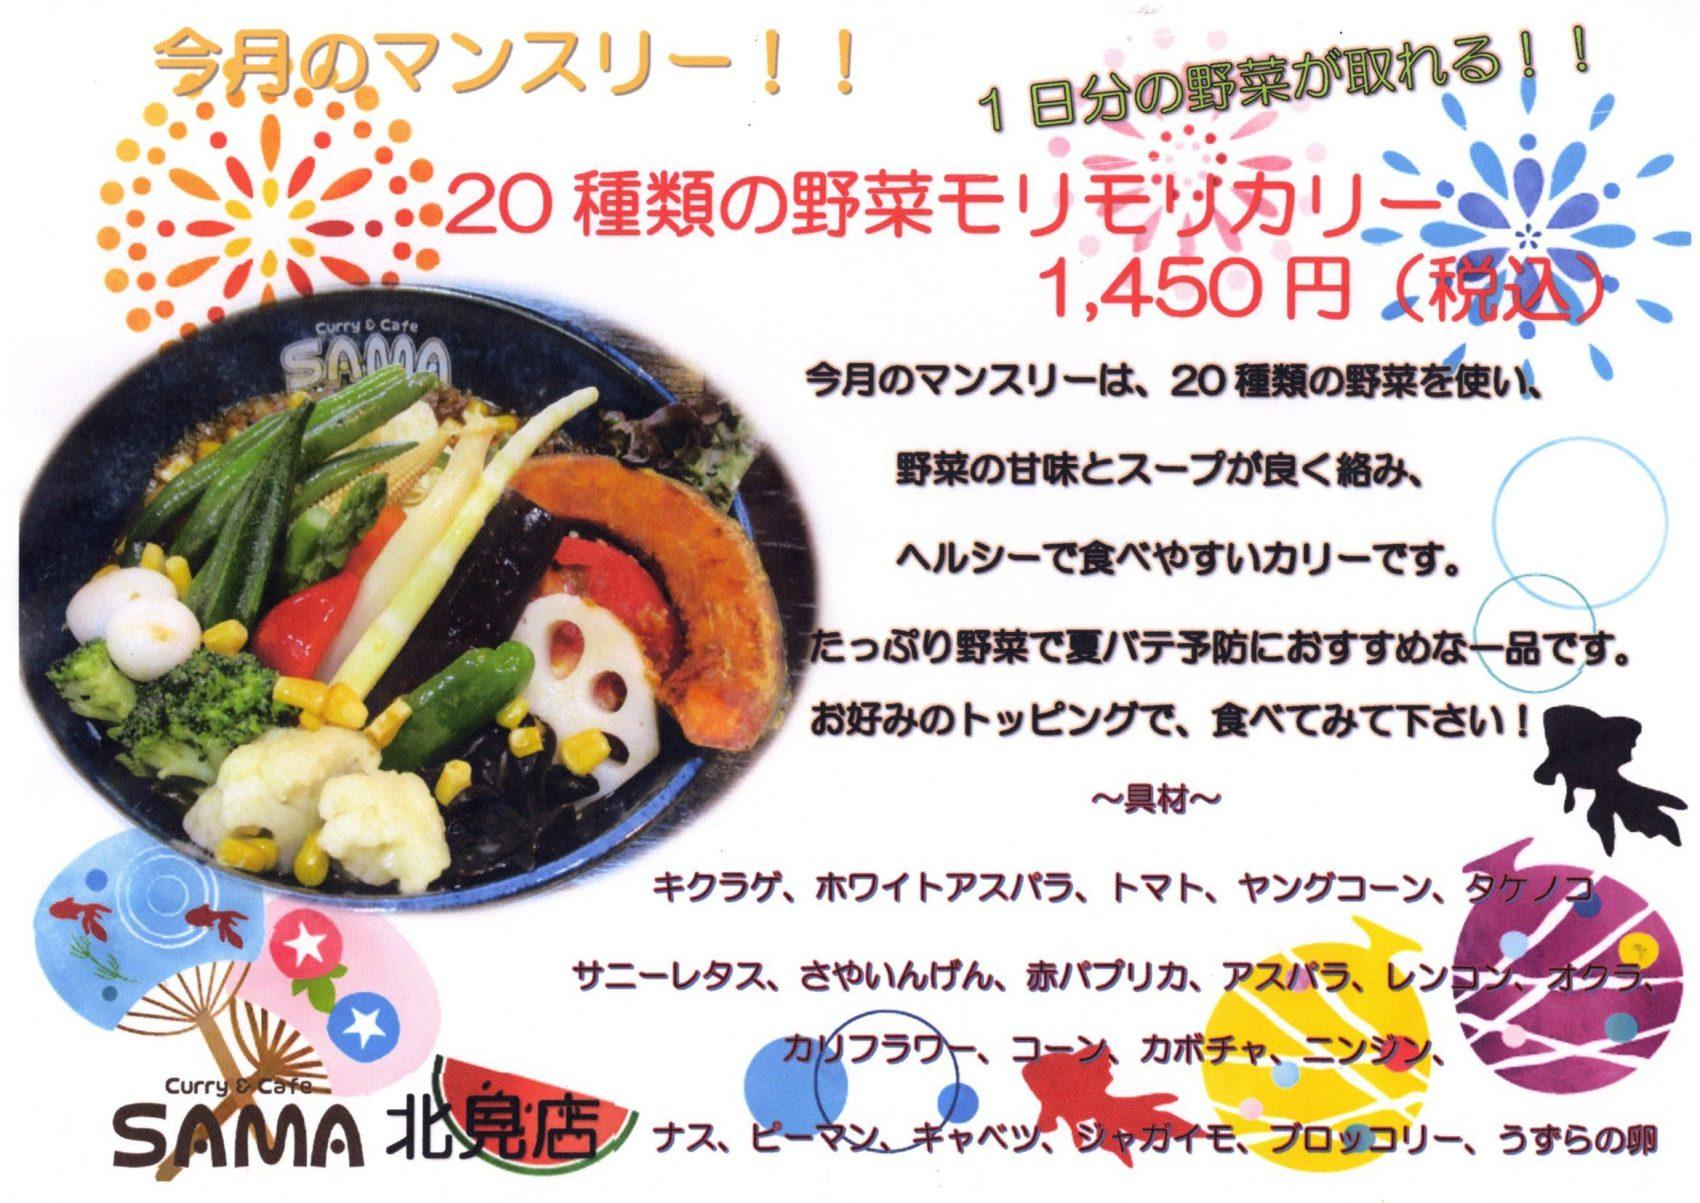 20種類の野菜モリモリカリー